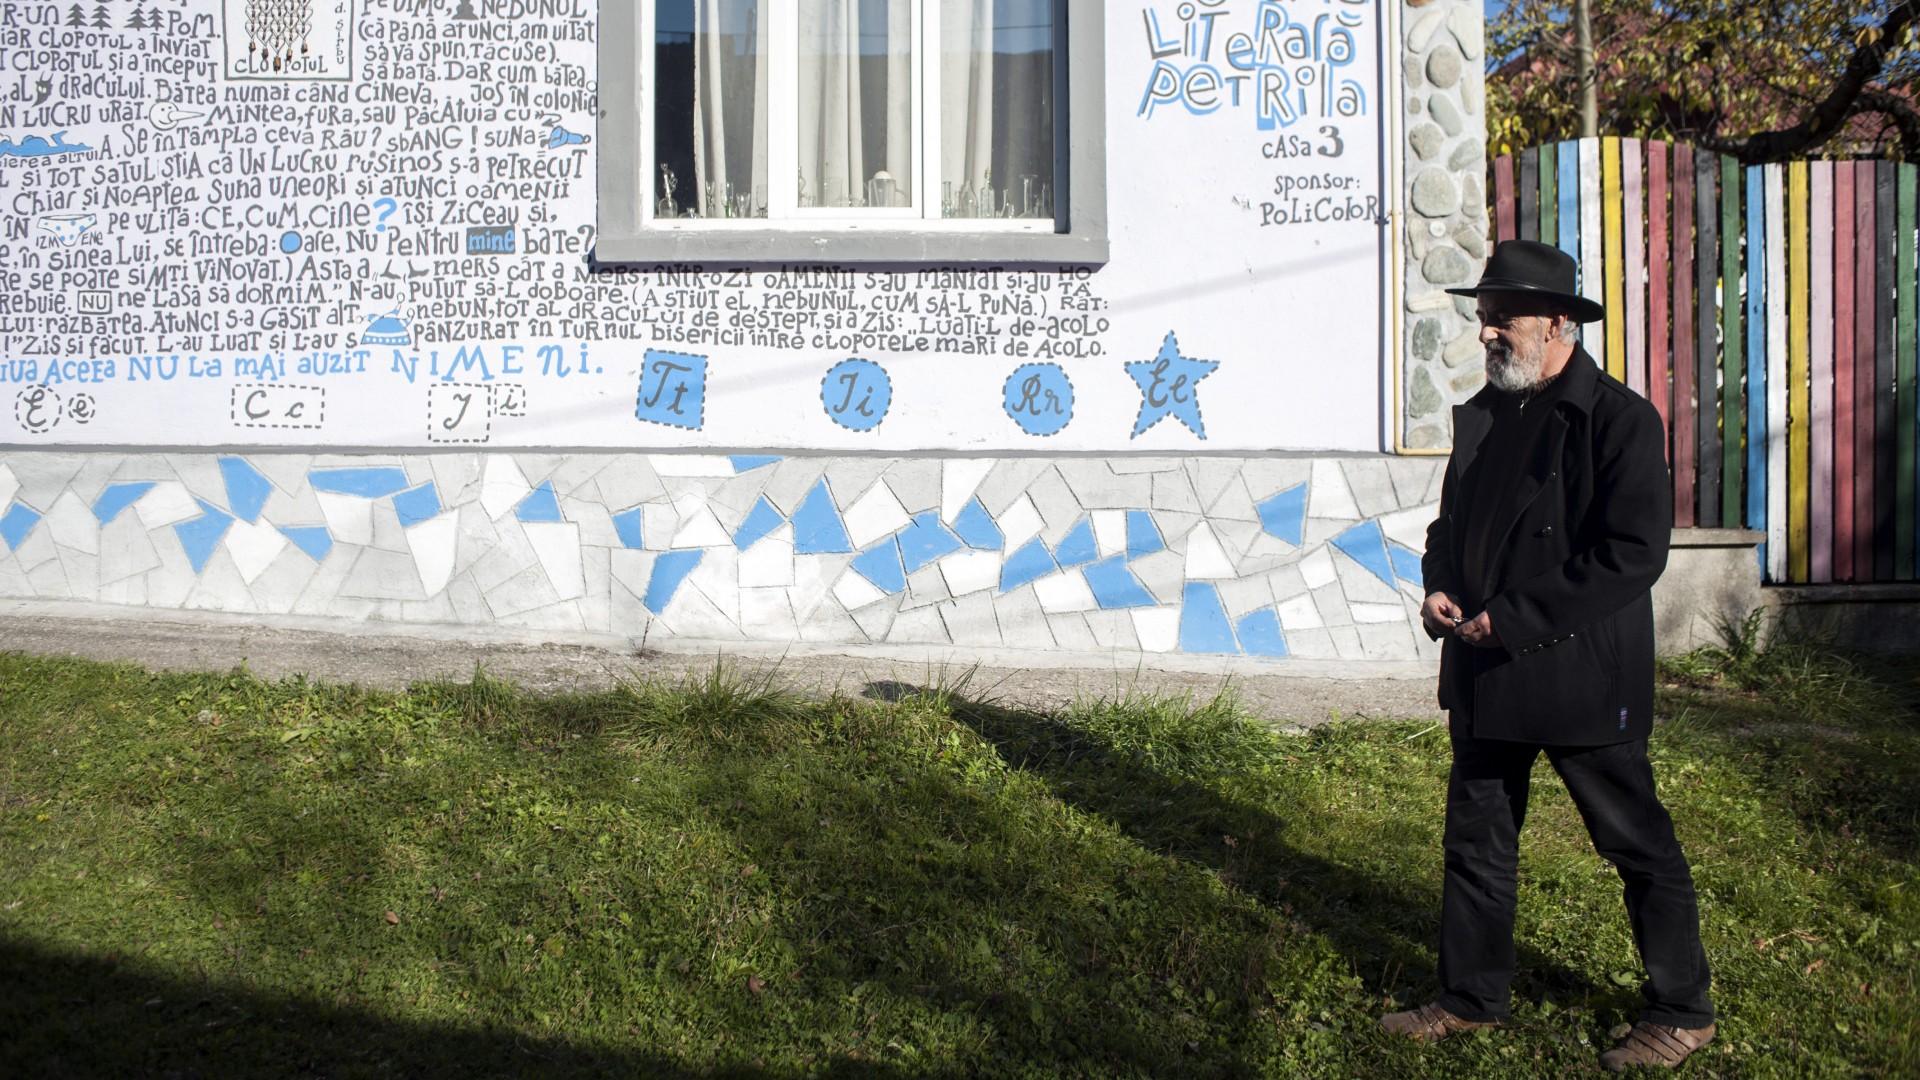 O poveste de I.D. Sârbu pe unul dintre pereții casei lui Barbu FOTO (c) Raul Ștef